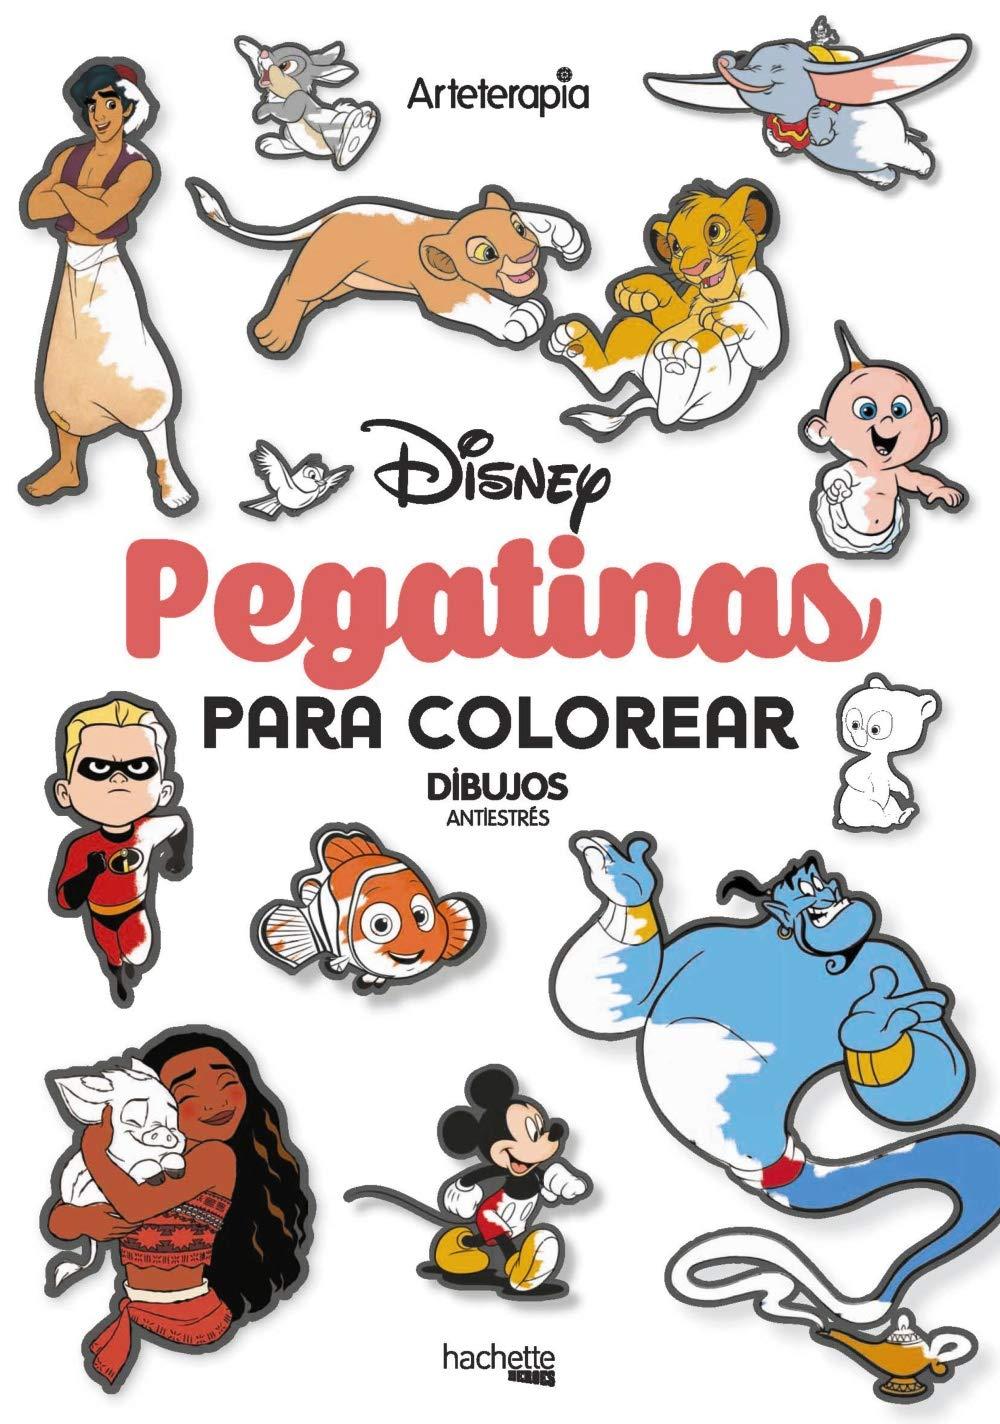 Pegatinas para colorear Disney Hachette Heroes - Disney - Colorear ...